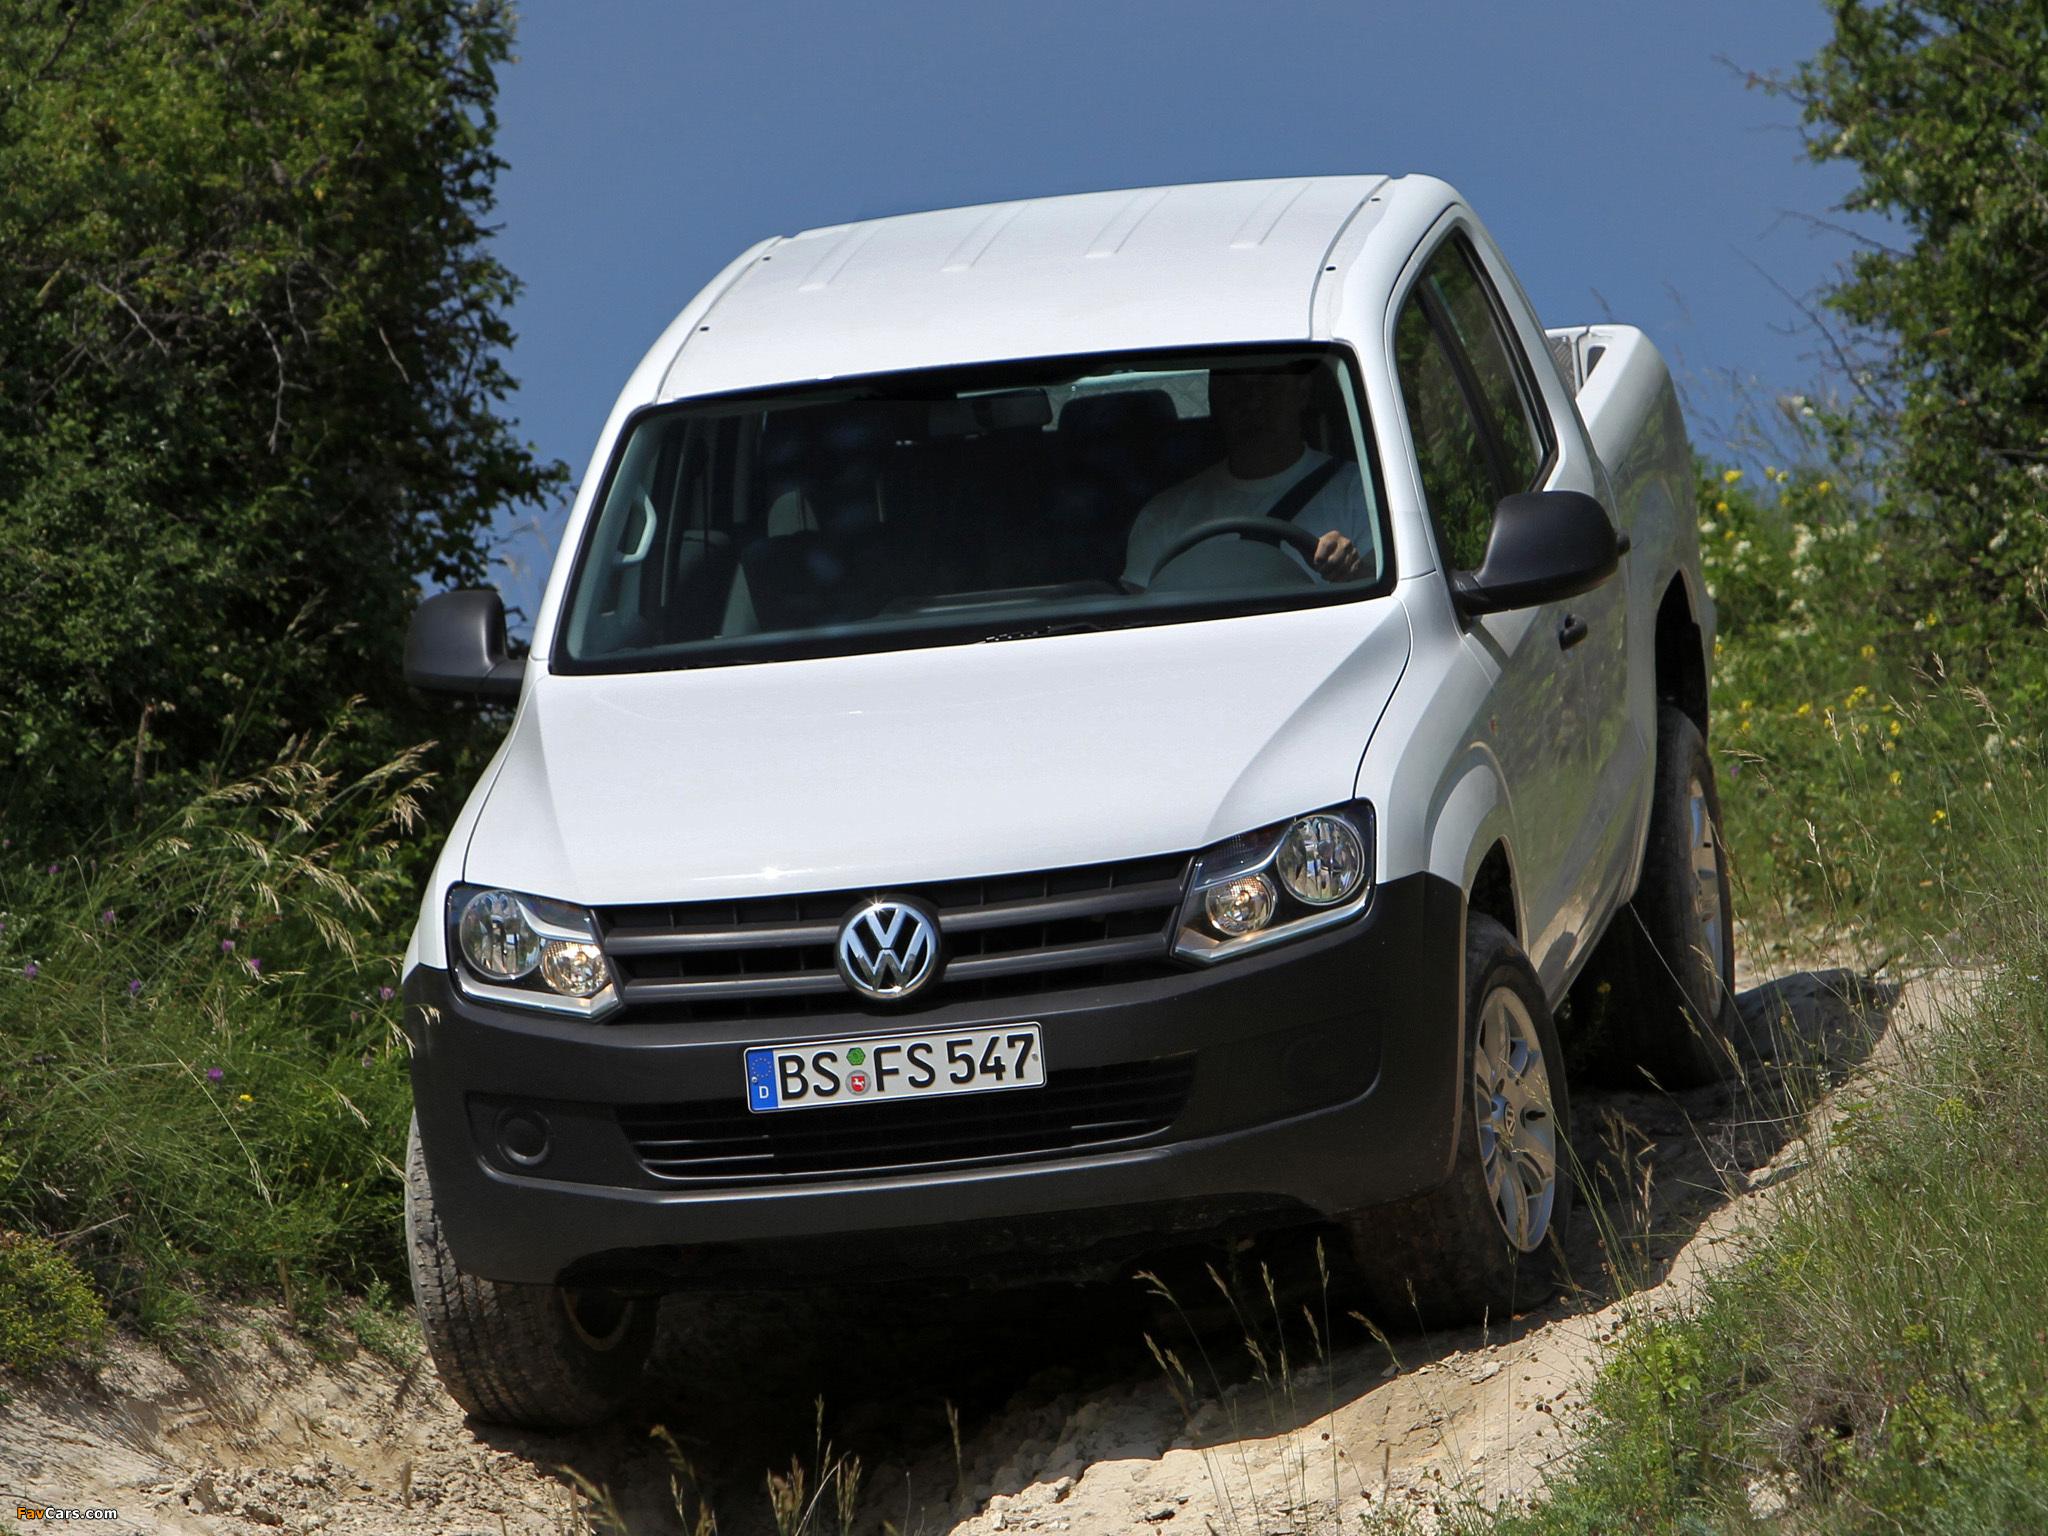 Volkswagen Amarok Double Cab Trendline 2010 images (2048 x 1536)